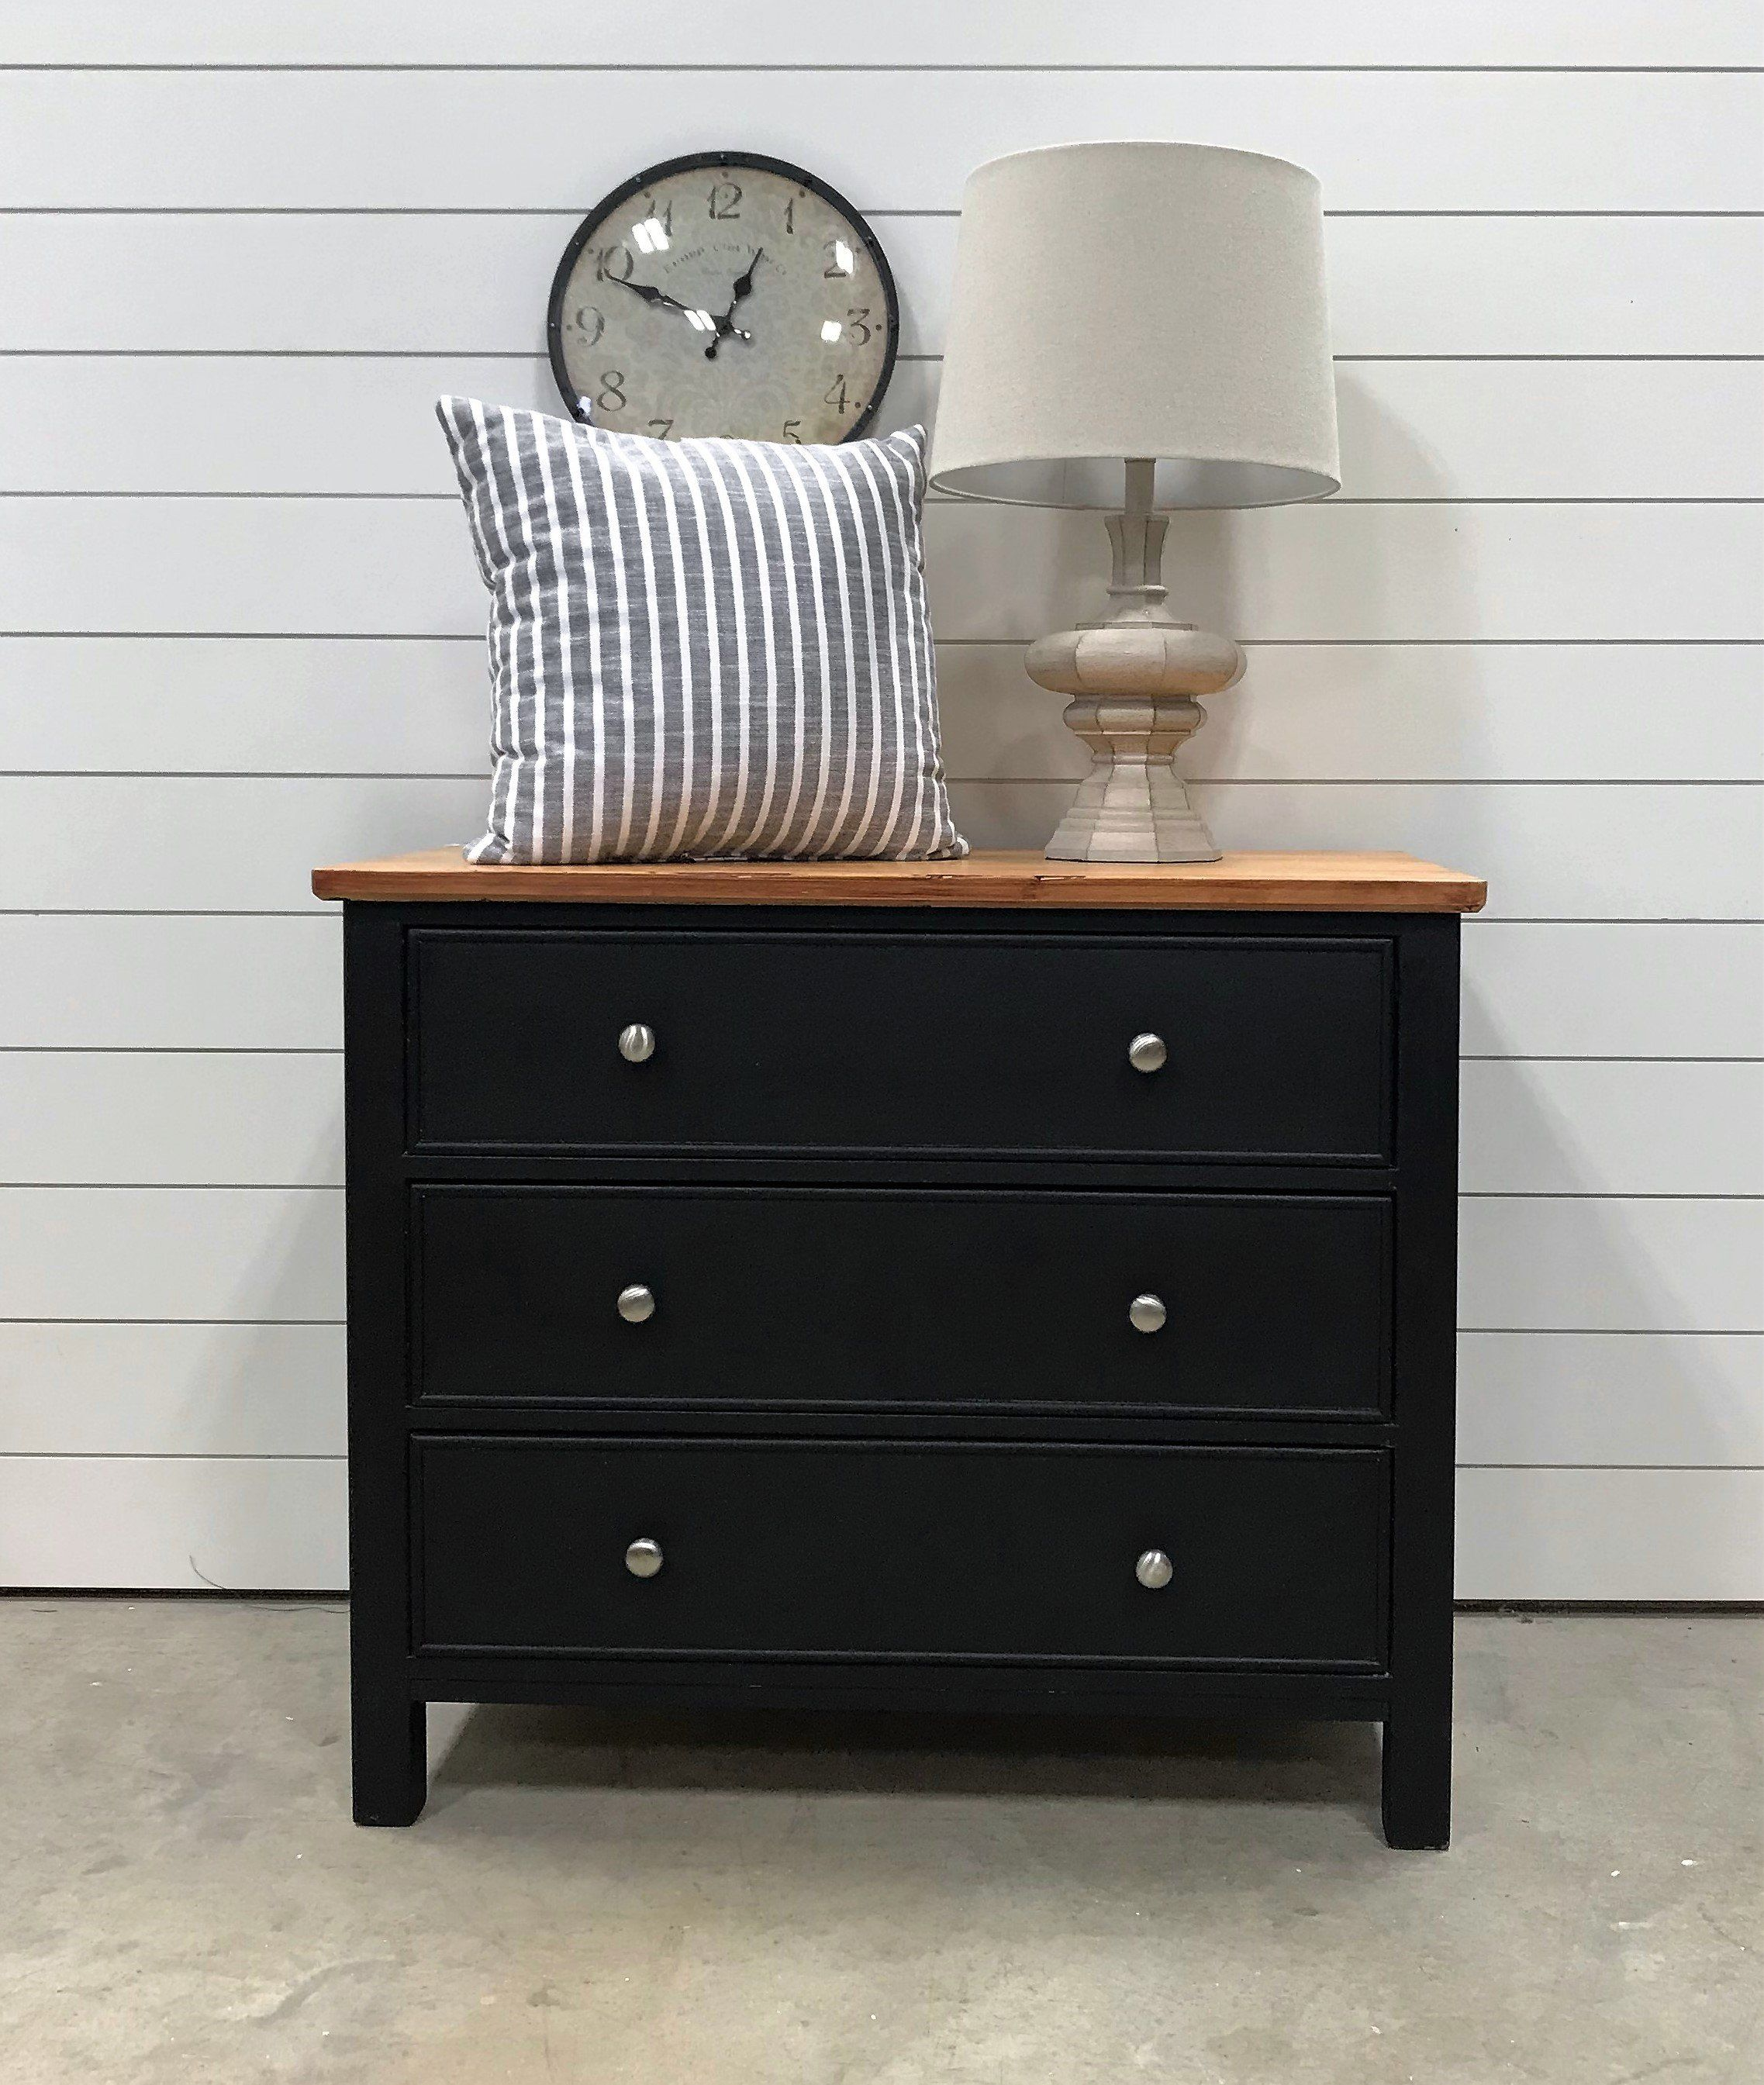 Black Wood Top 3 Drawer Dresser